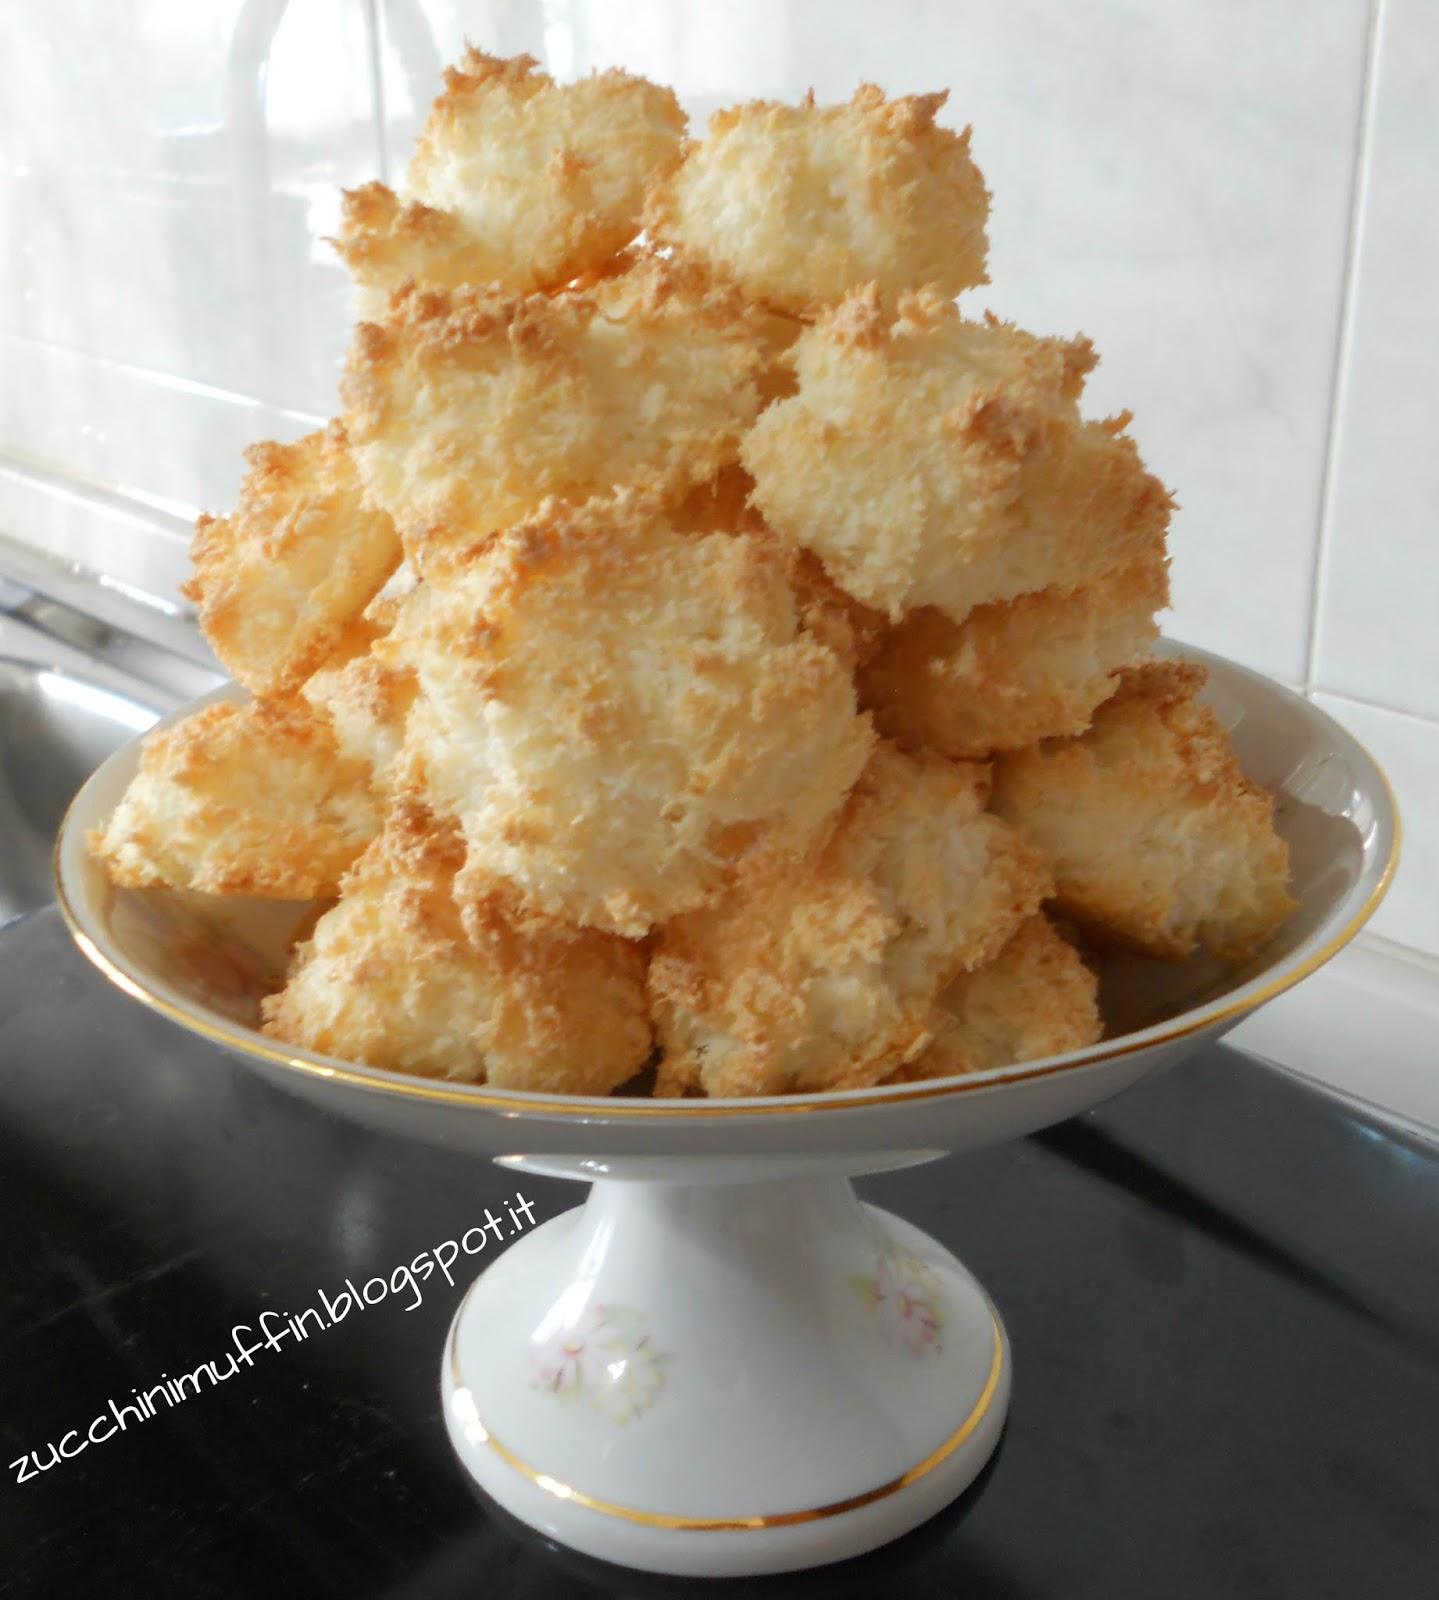 Biscotti al cocco ricette dolci ricetta ed ingredienti for Ricette dolci